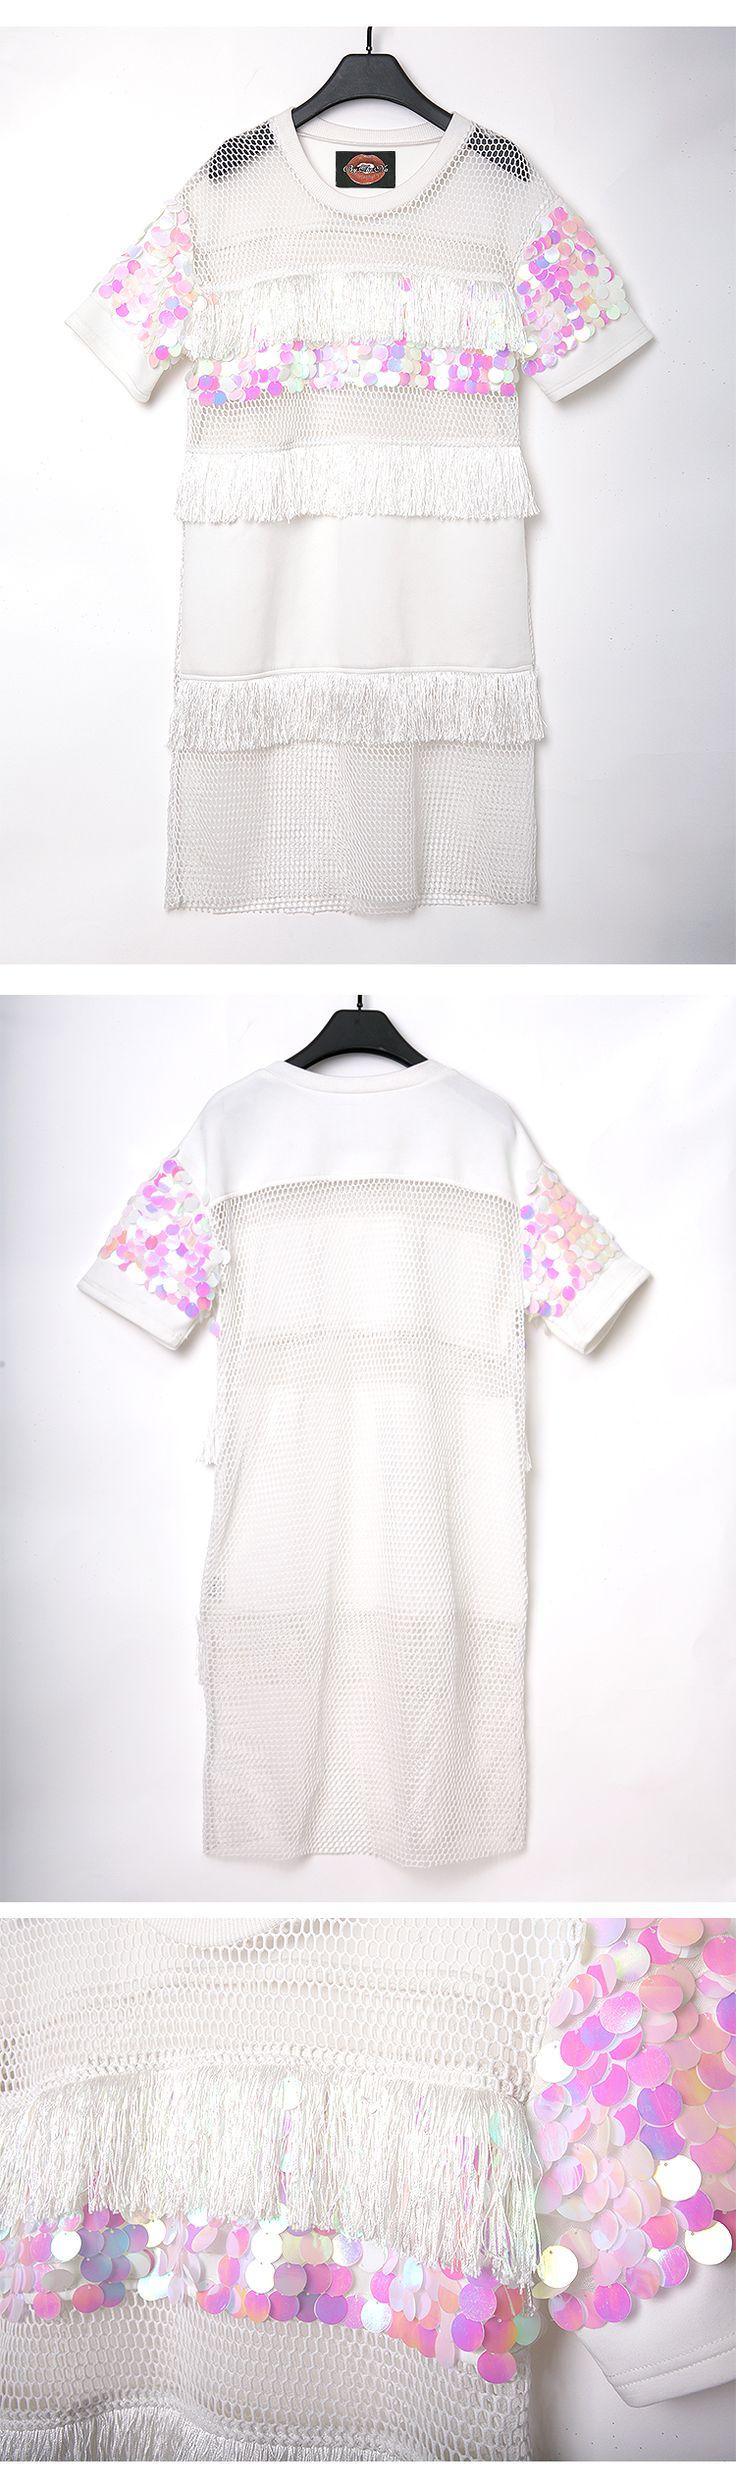 Мелинда стиль 2015 новых мужчин мода платье лето свободного покроя блестками сетки платье белый и черный 2 цвета свадебные платья бесплатная доставка, принадлежащий категории Платья и относящийся к Одежда и аксессуары для женщин на сайте AliExpress.com | Alibaba Group